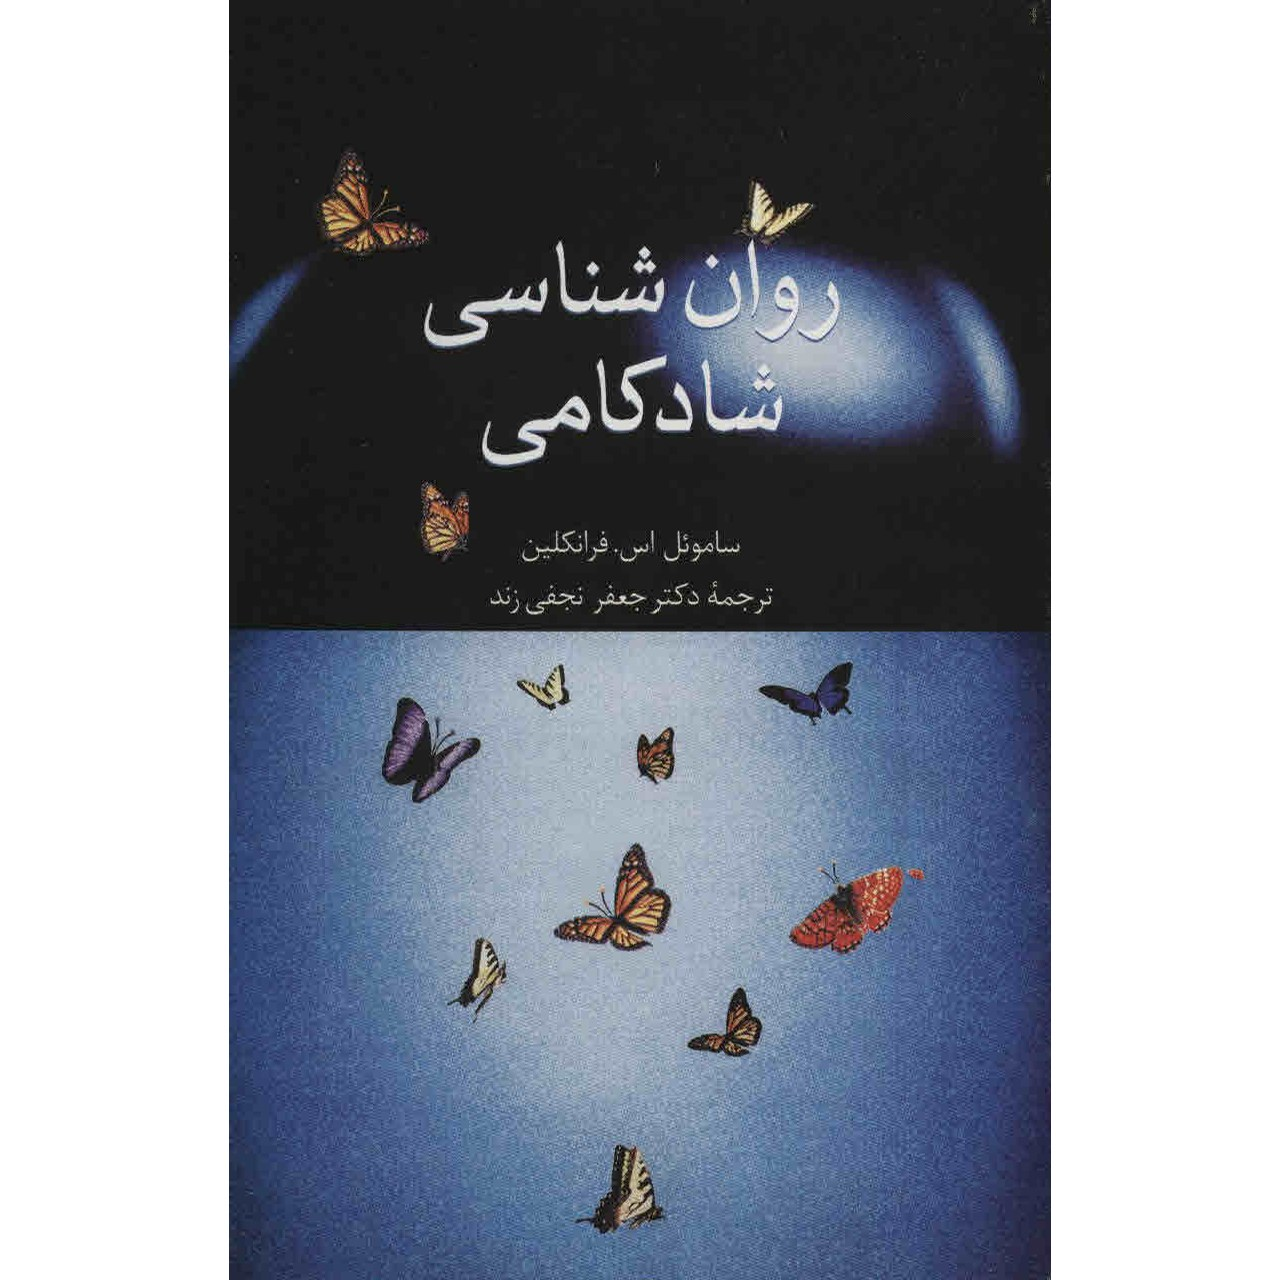 خرید                      کتاب روان شناسی شادکامی اثر ساموئل اس. فرانکلین